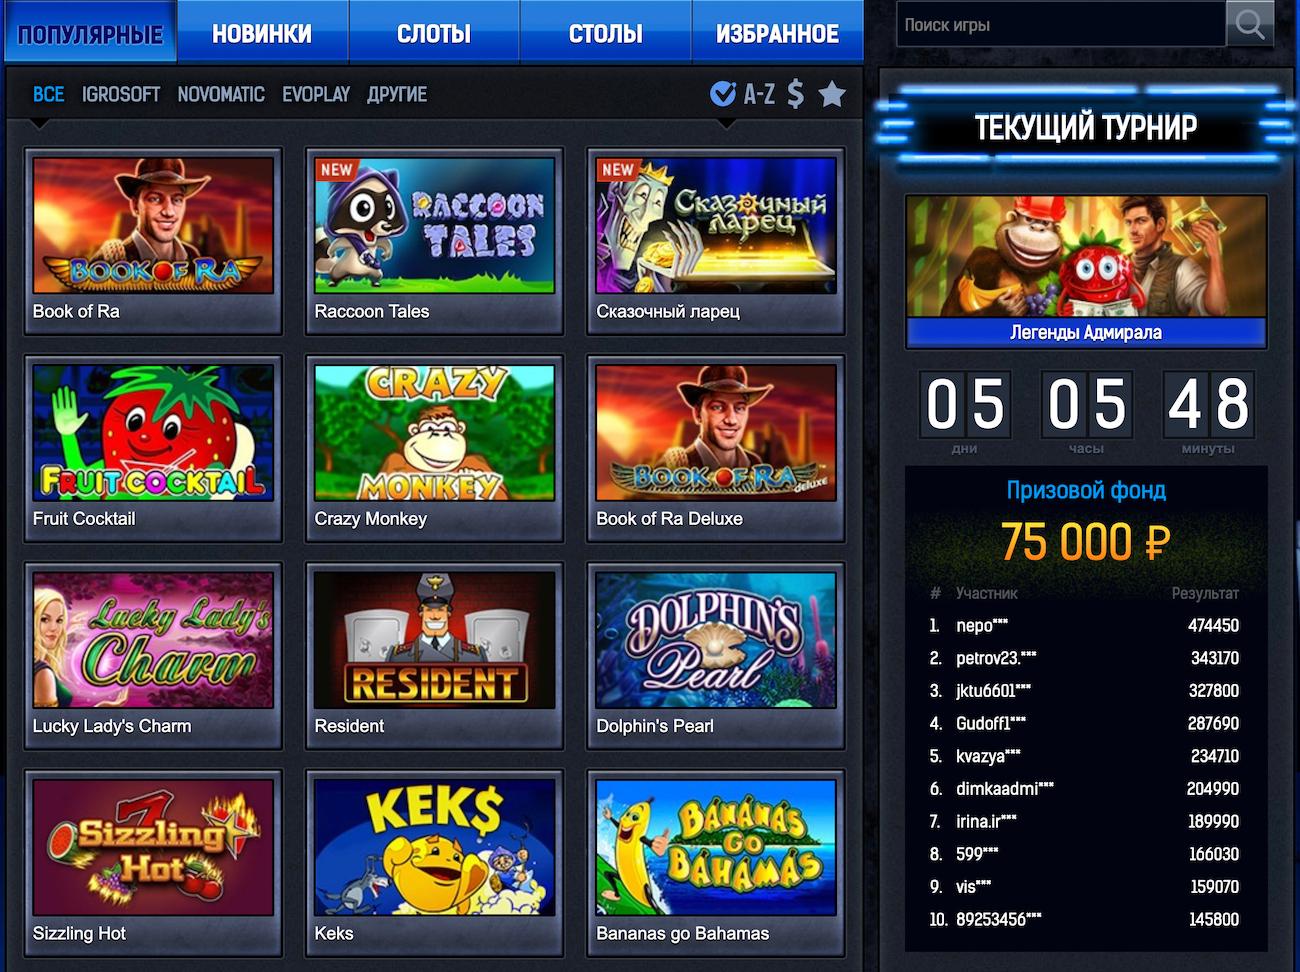 Азартные игры игровые автоматы все игры 777 реально ли обыграть онлайн казино